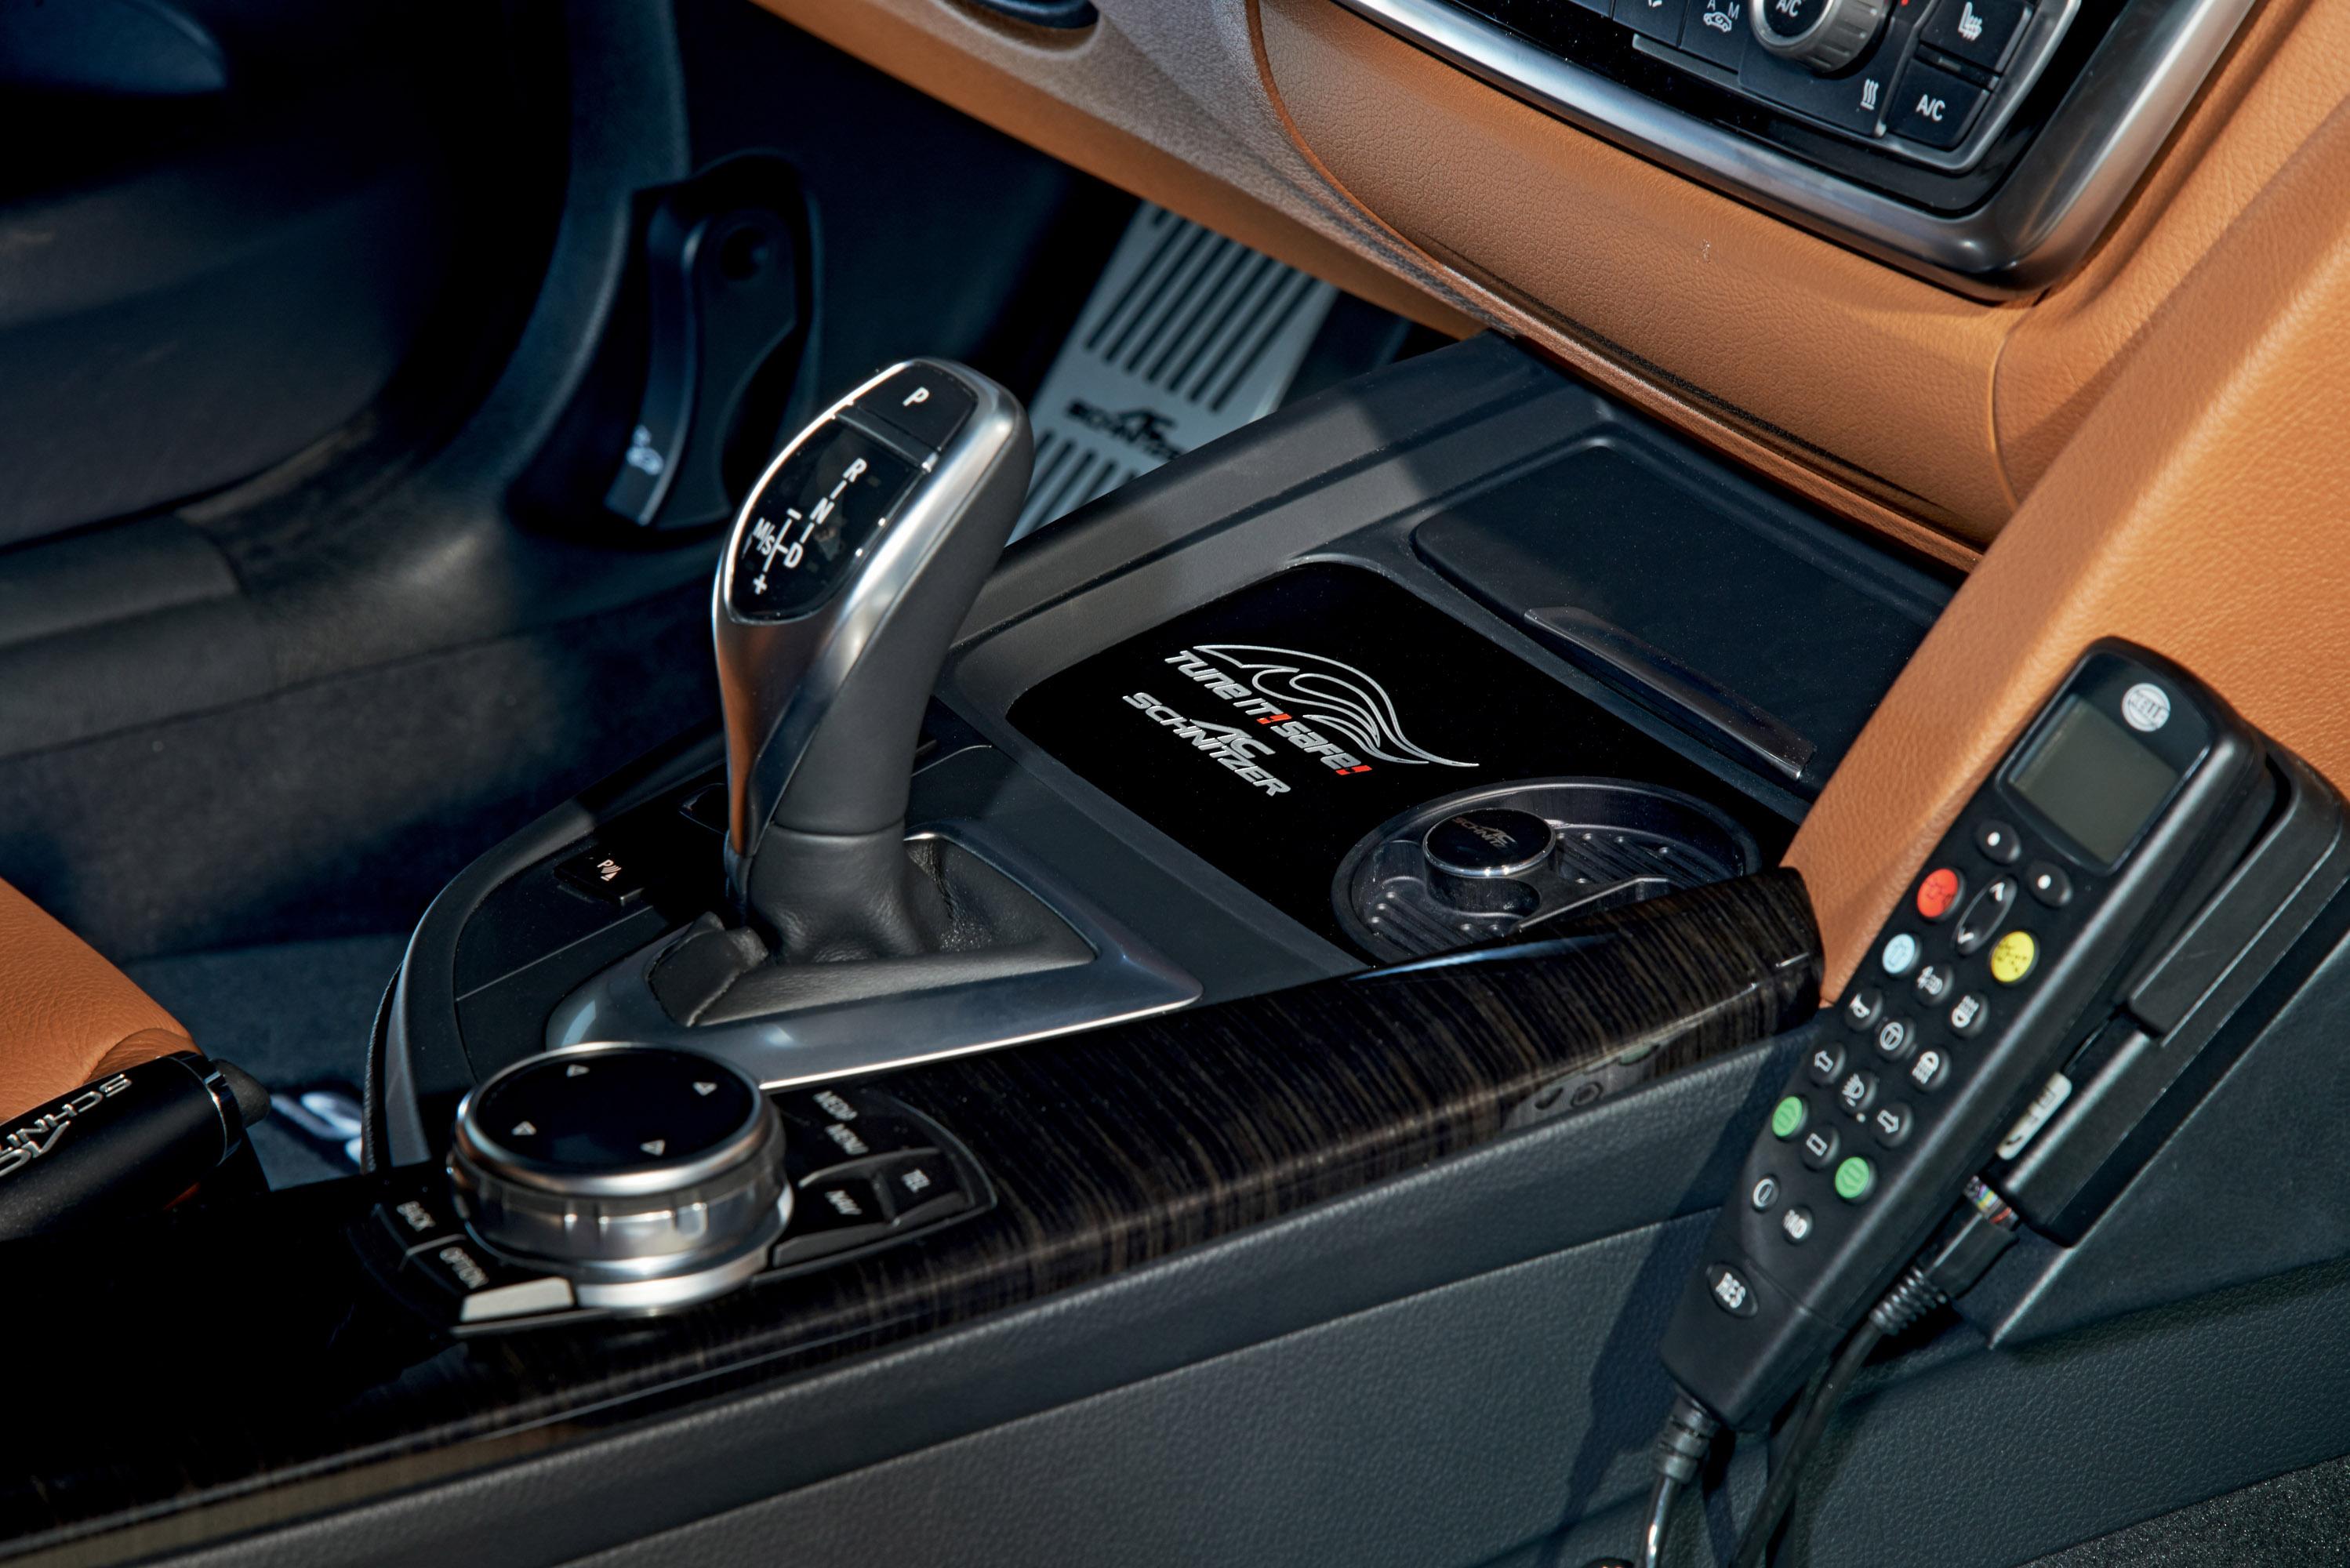 АС Шнитцер ACS4 БМВ купе 2.8 в концепции полицейских автомобилей - фотография №8